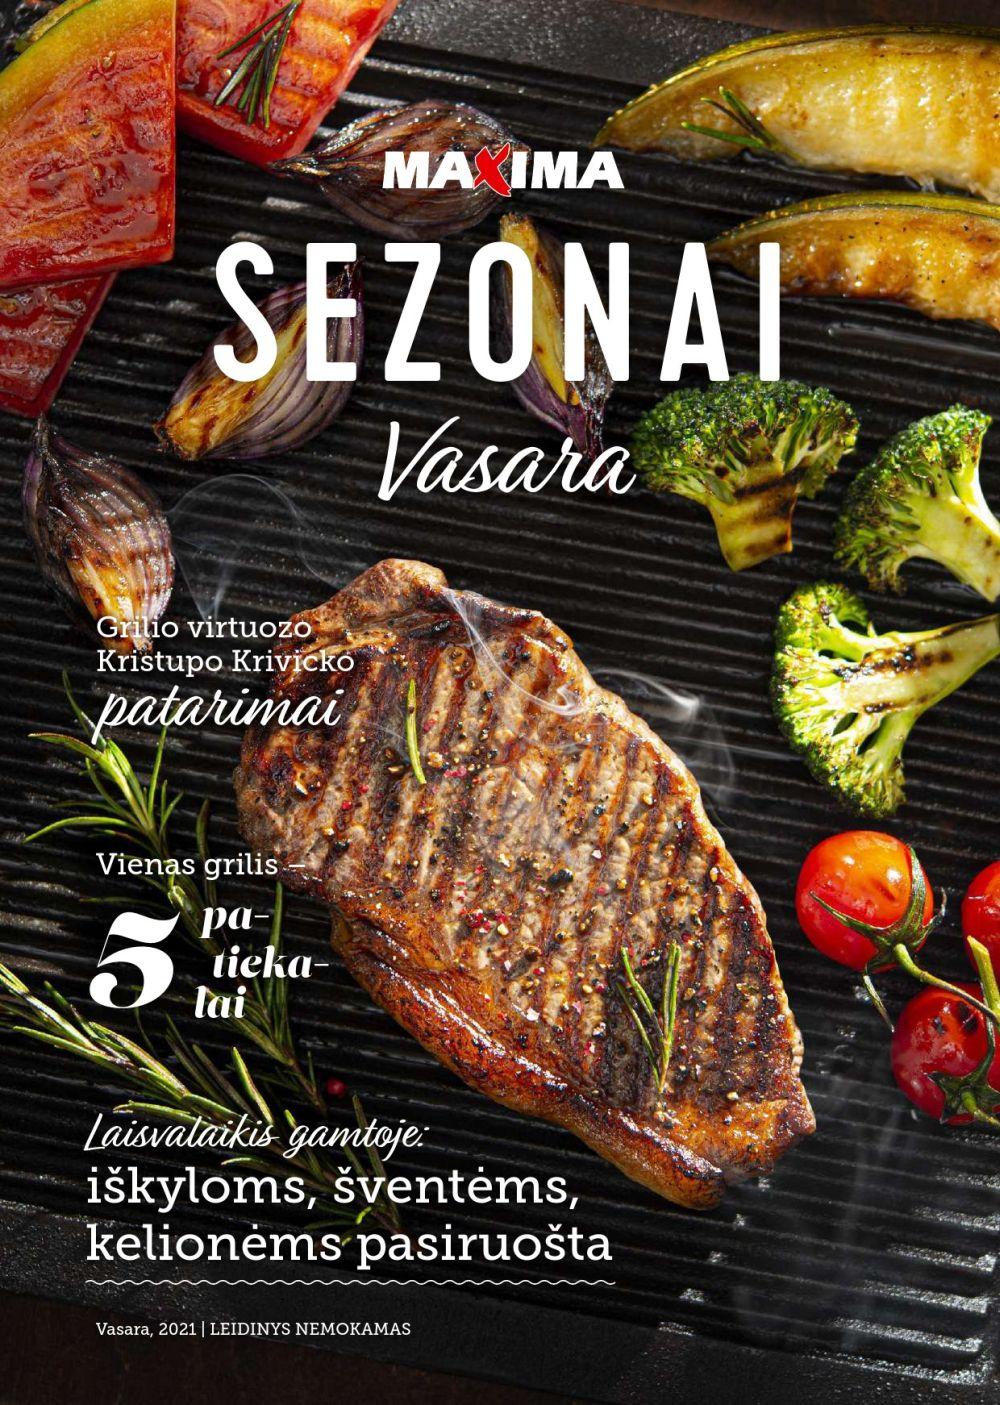 MAXIMA SEZONAI akcijų ir nuolaidų leidinys 2021-06-01 - 2021-08-31